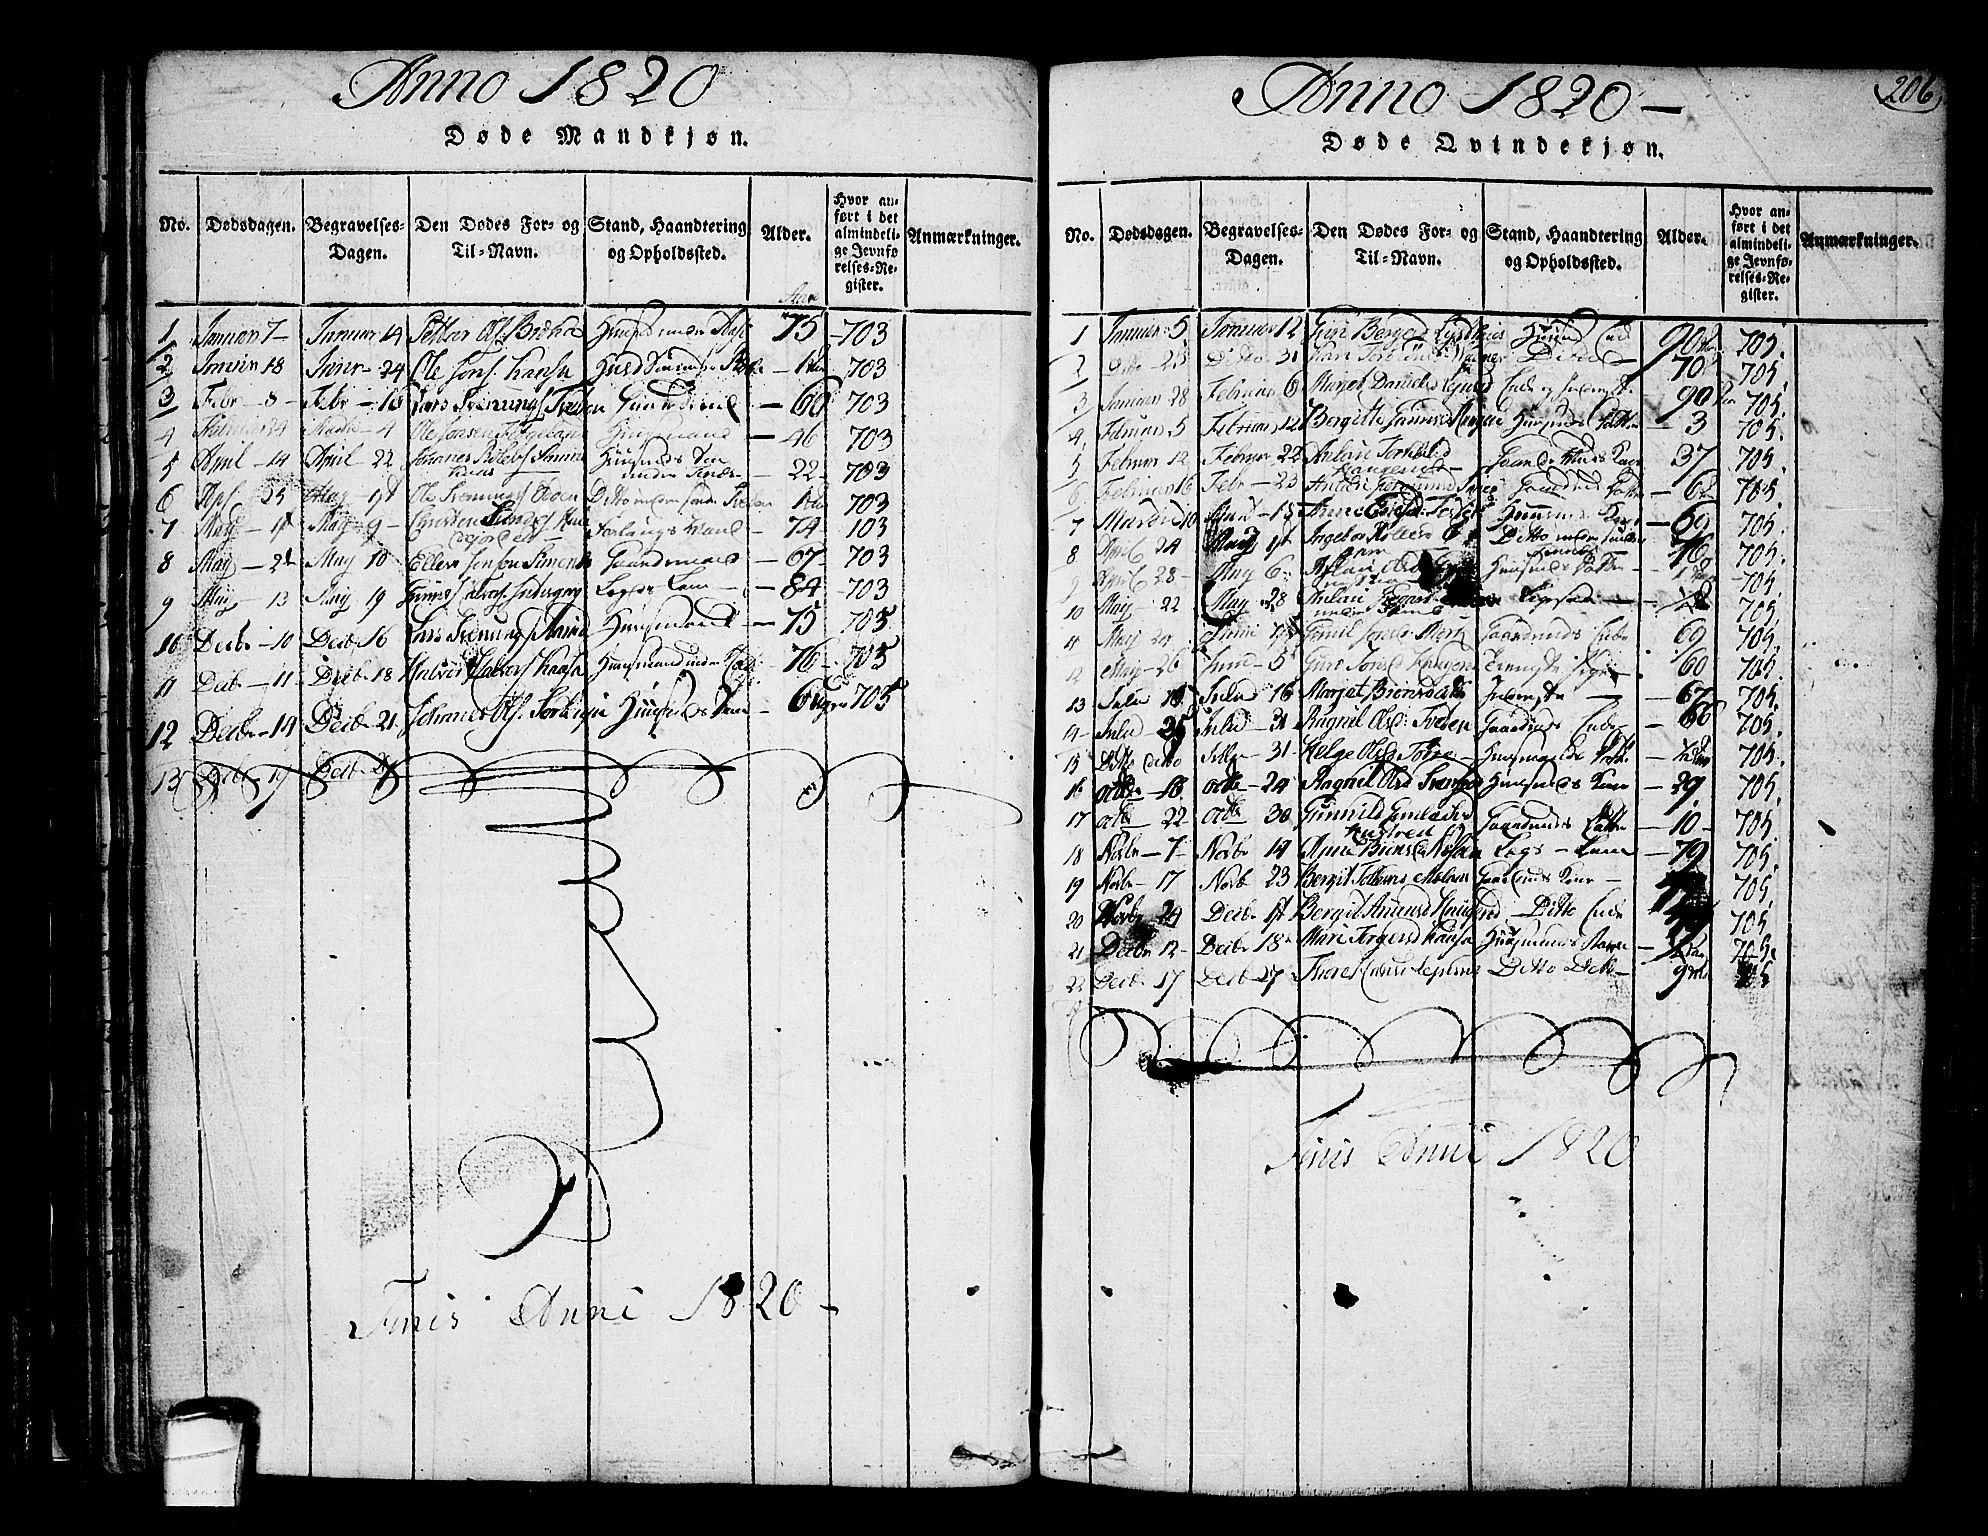 SAKO, Heddal kirkebøker, F/Fa/L0005: Ministerialbok nr. I 5, 1814-1837, s. 205-206